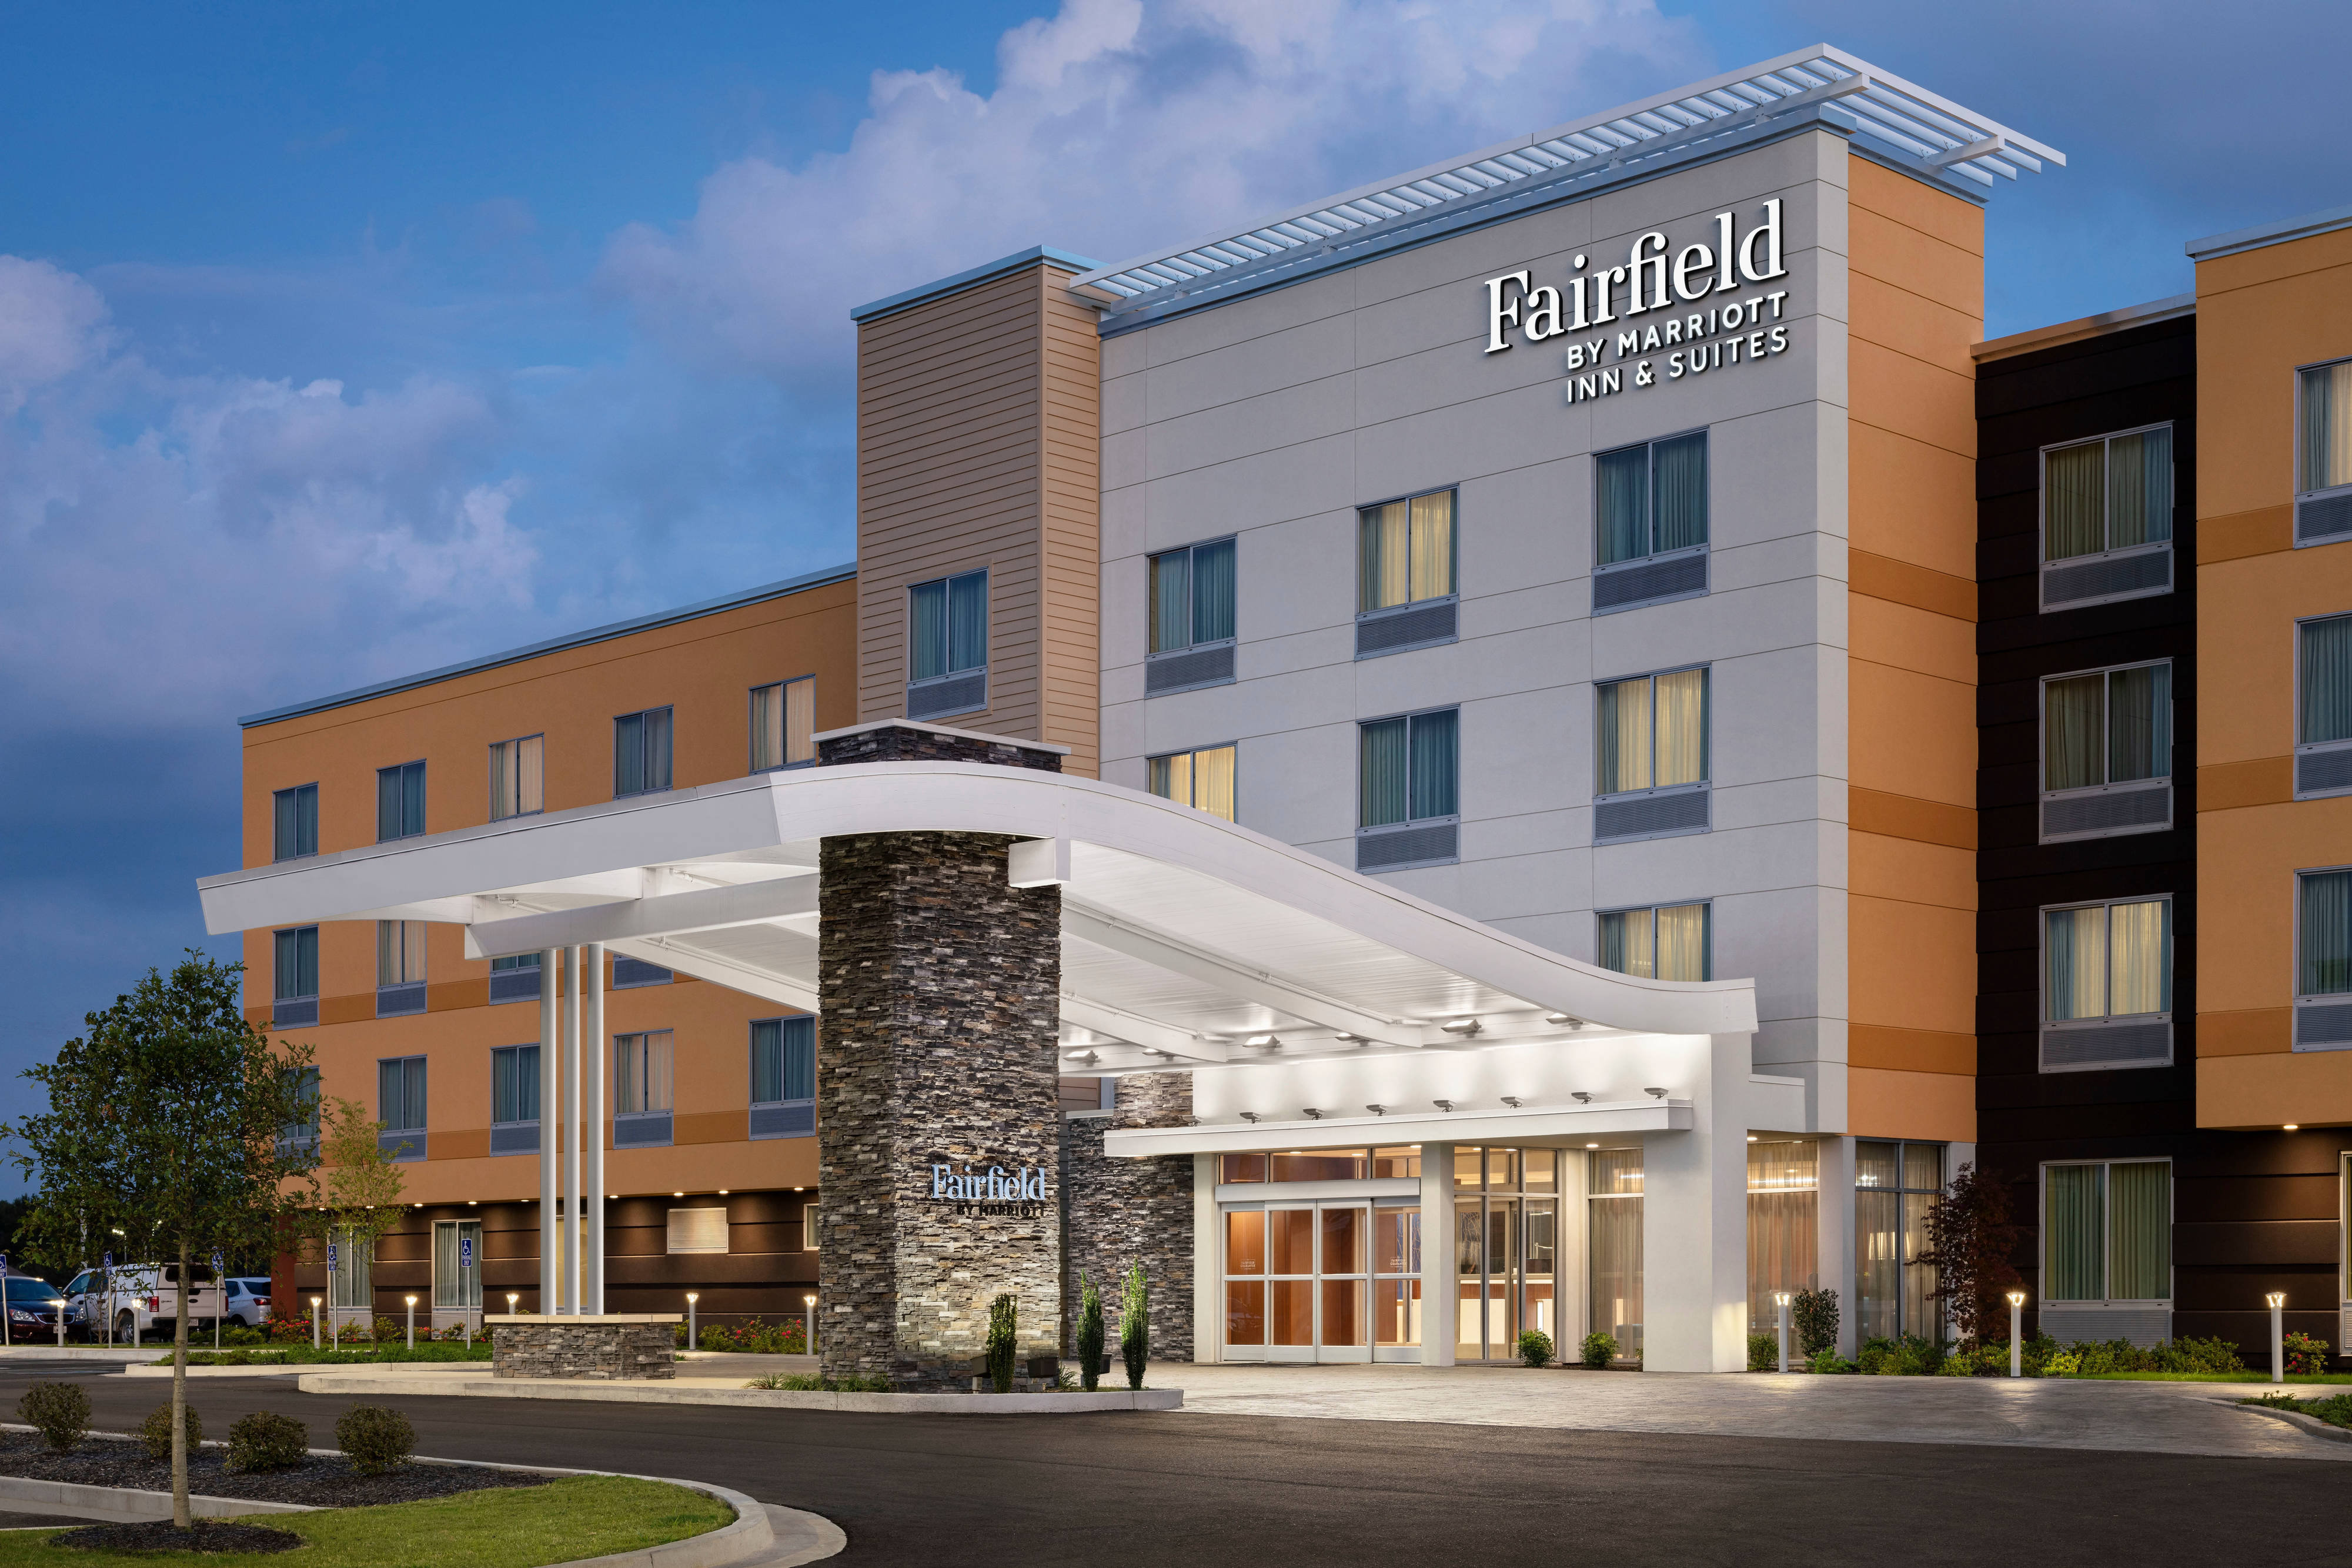 Fairfield Inn & Suites Washington Casino